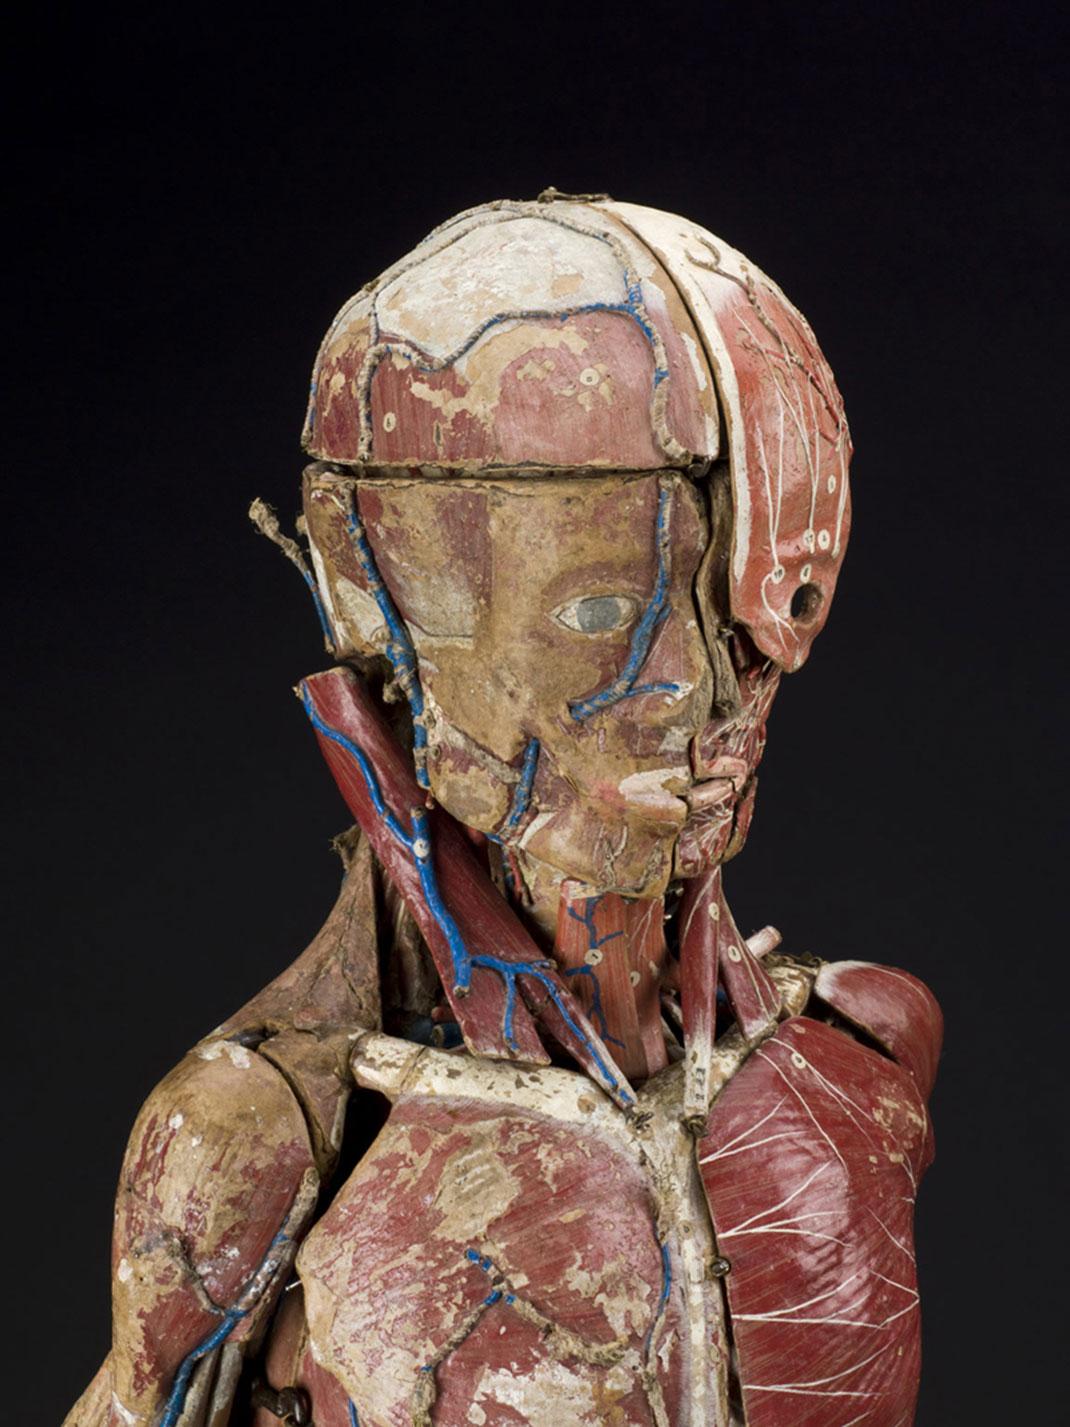 14-modele-anatomique-papier-mache